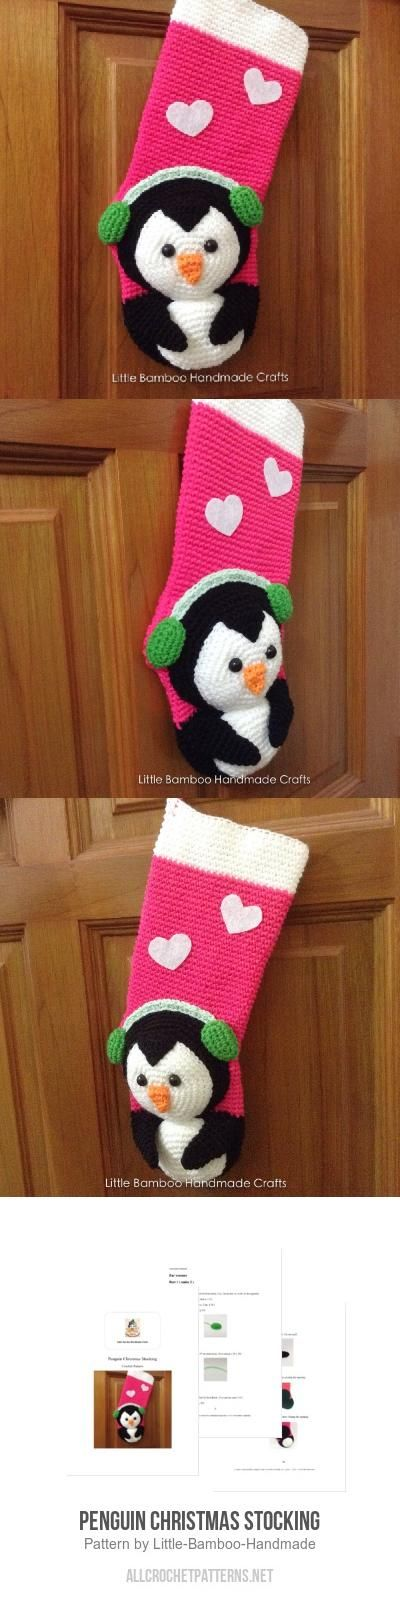 Penguin Christmas Stocking Crochet Pattern for purchase